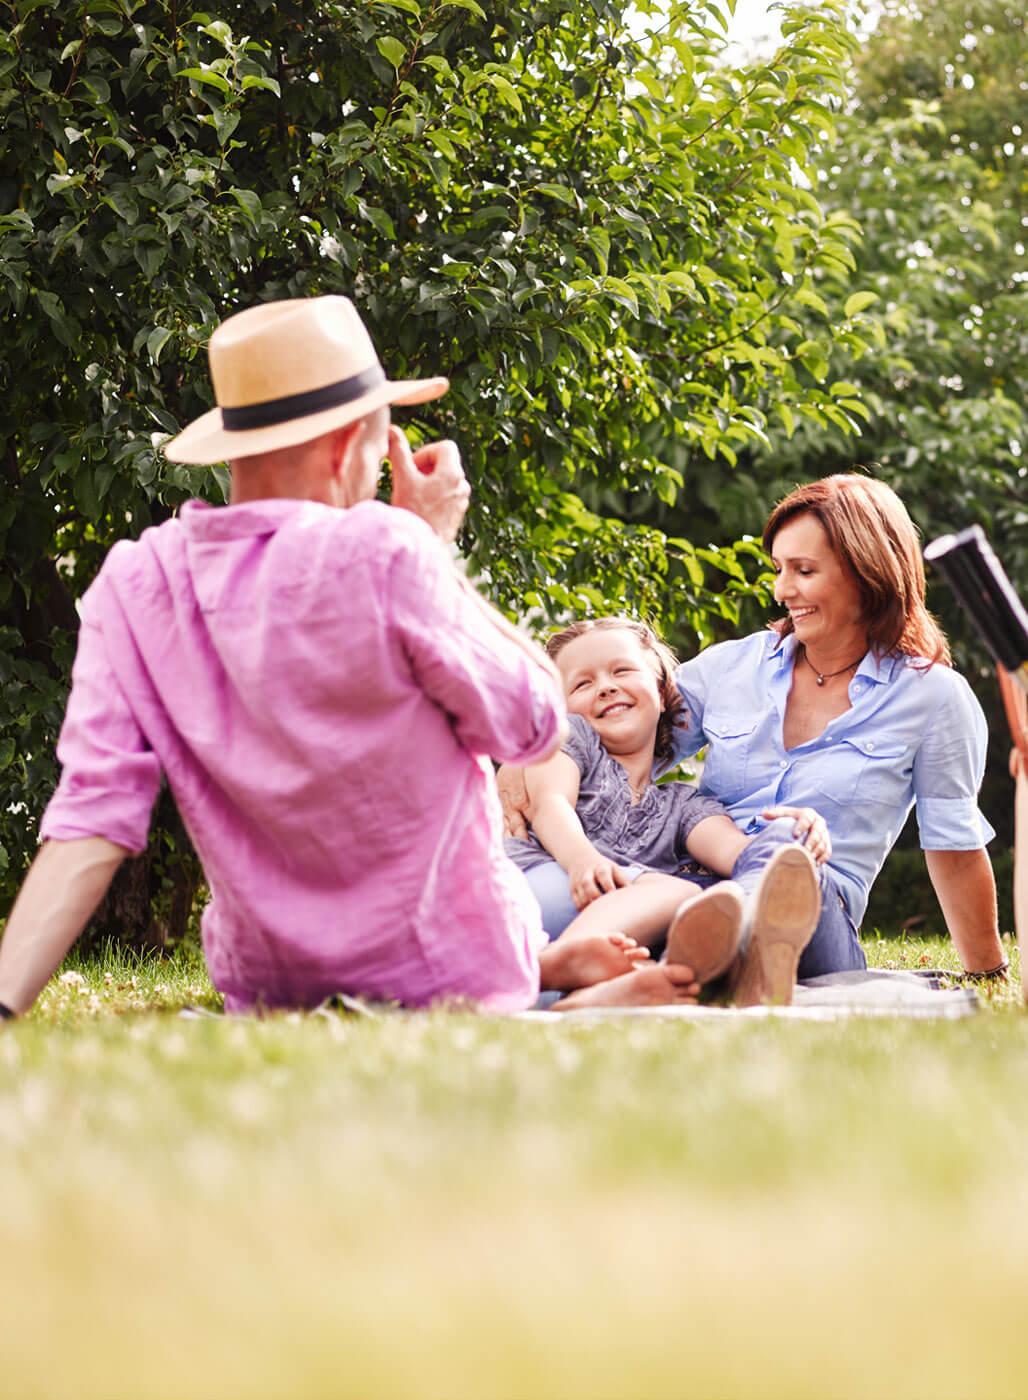 Eltern und Tochter picknicken auf einer Wiese.